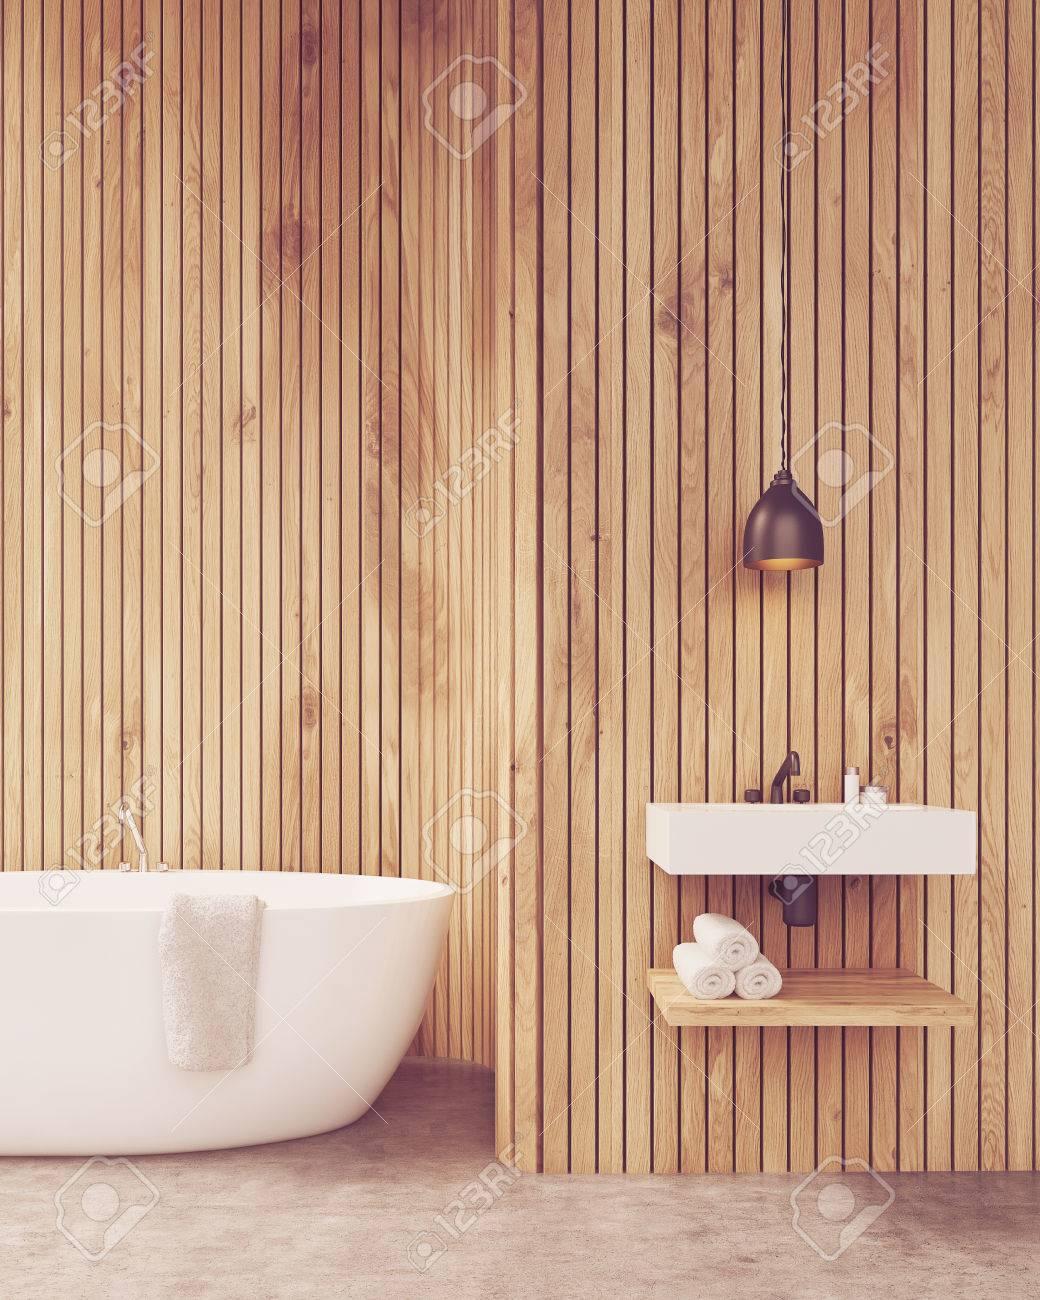 Pretty Badezimmer Holzwand Bilder Images # Bad Wandverkleidung Mit ...